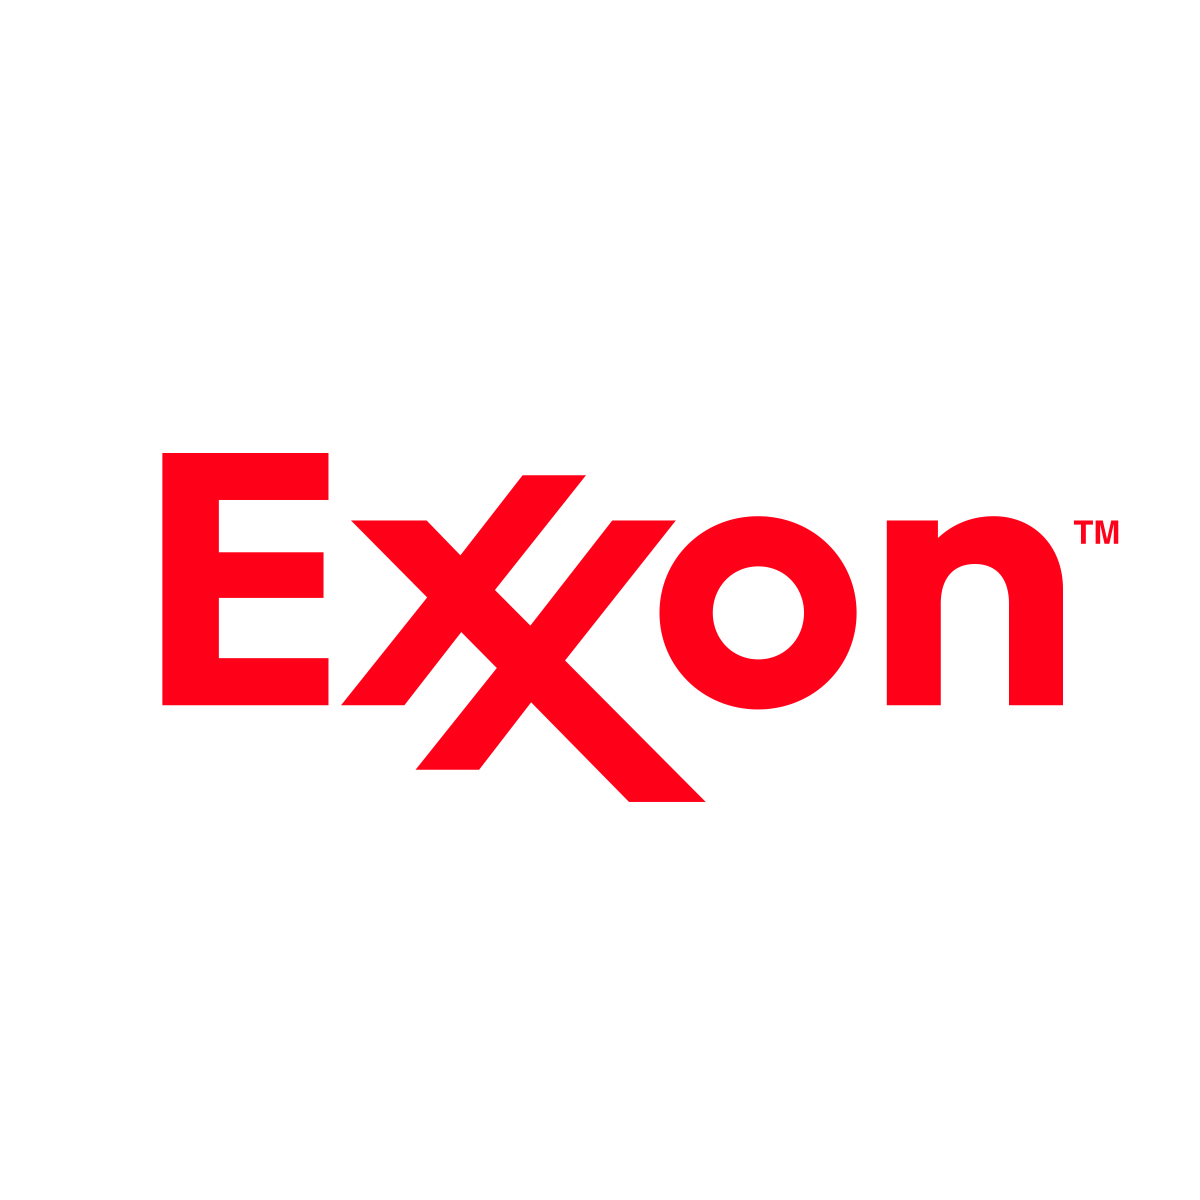 https://promotionplusinc.com/wp-content/uploads/2019/04/Exxon.jpg